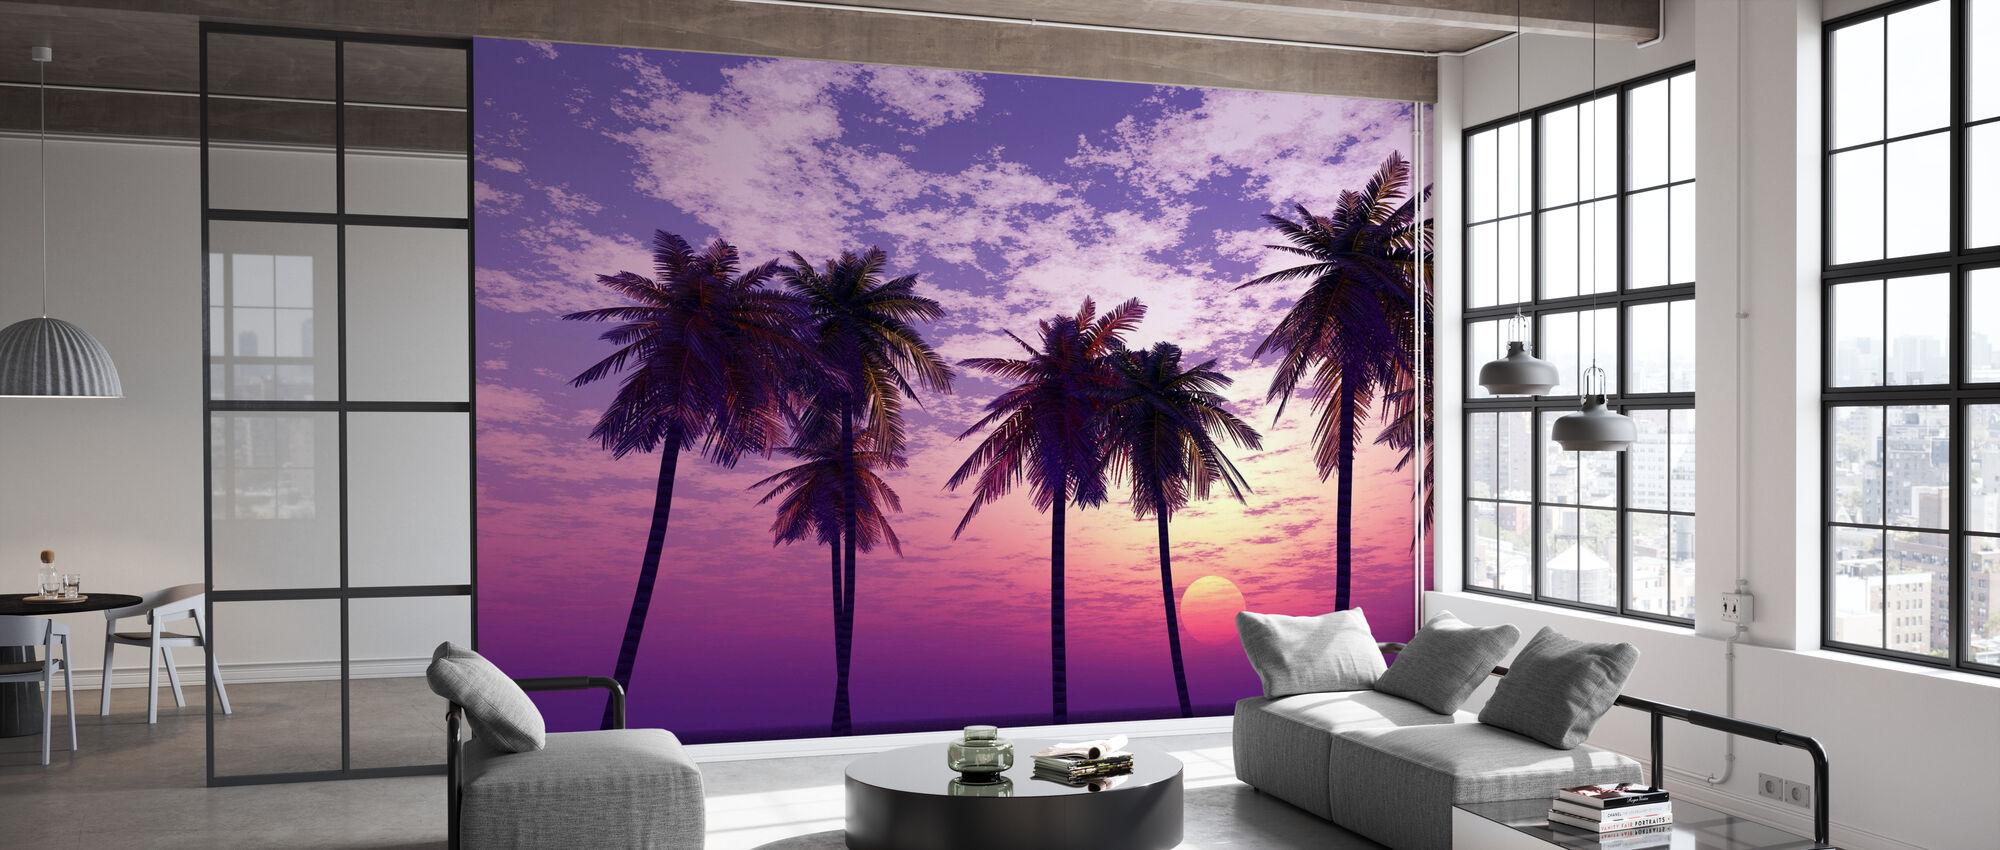 Prachtige zonsondergang - Behang - Kantoor